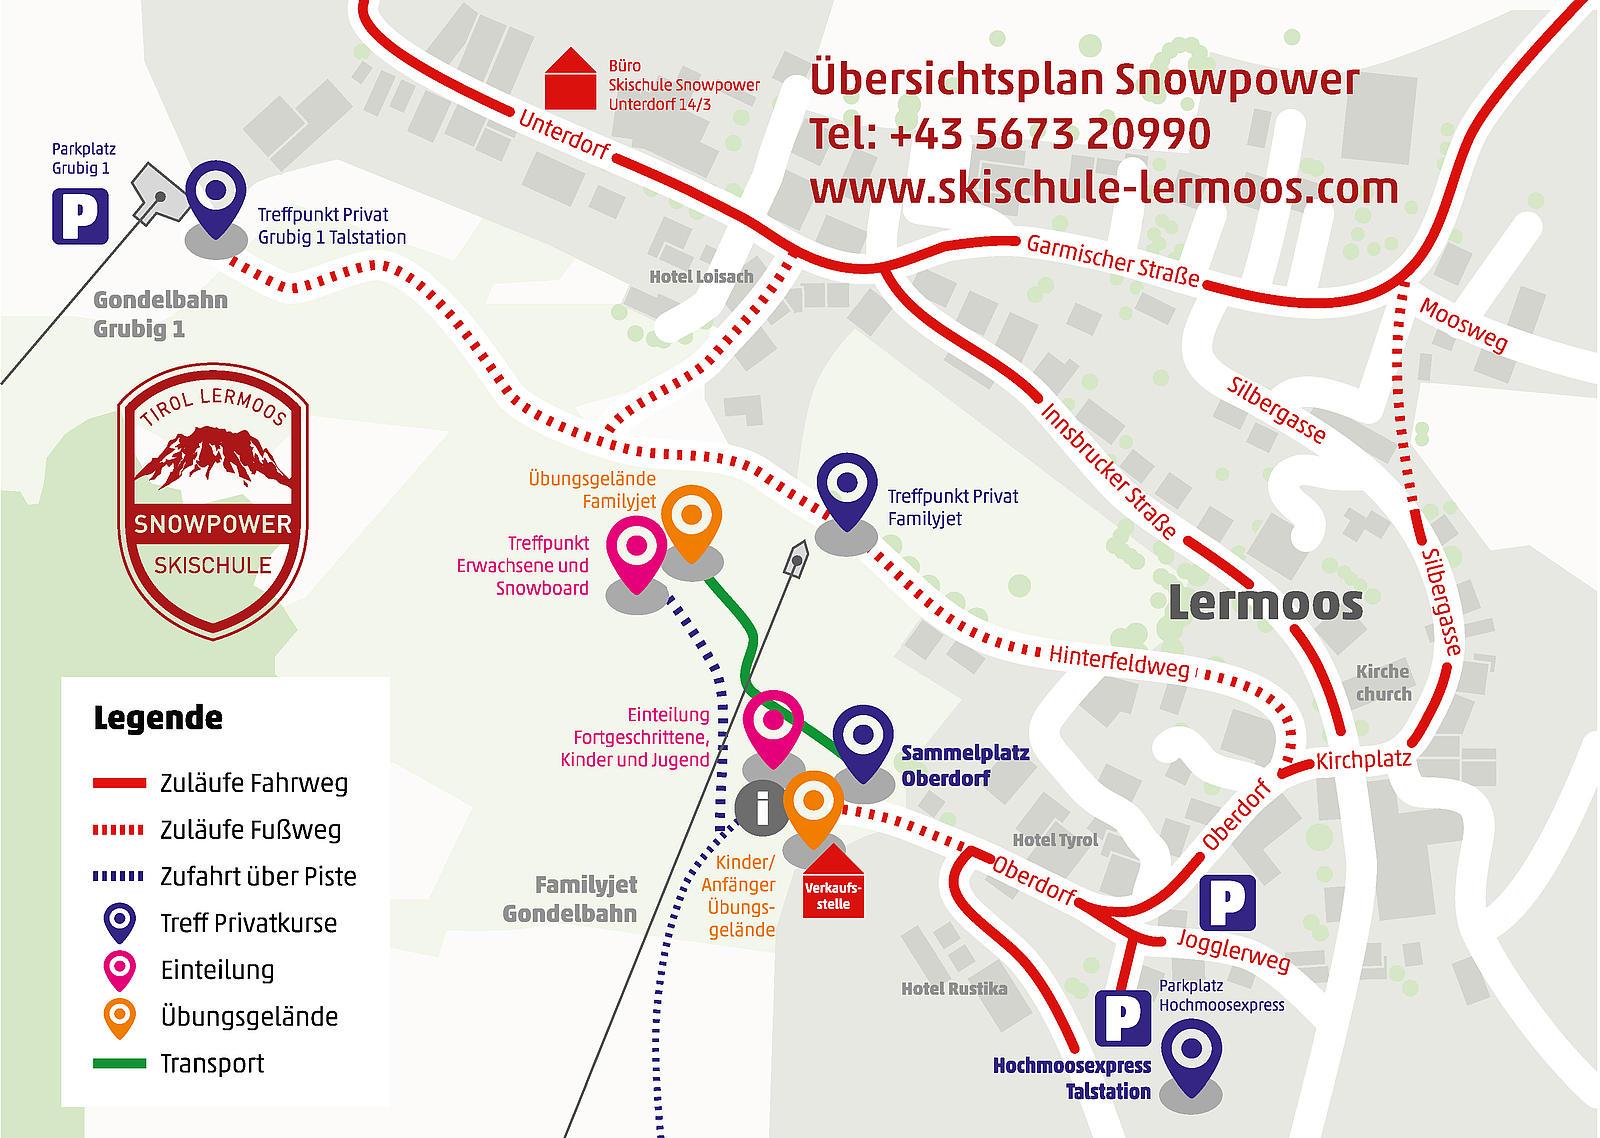 Skischule Lermoos Snowpower